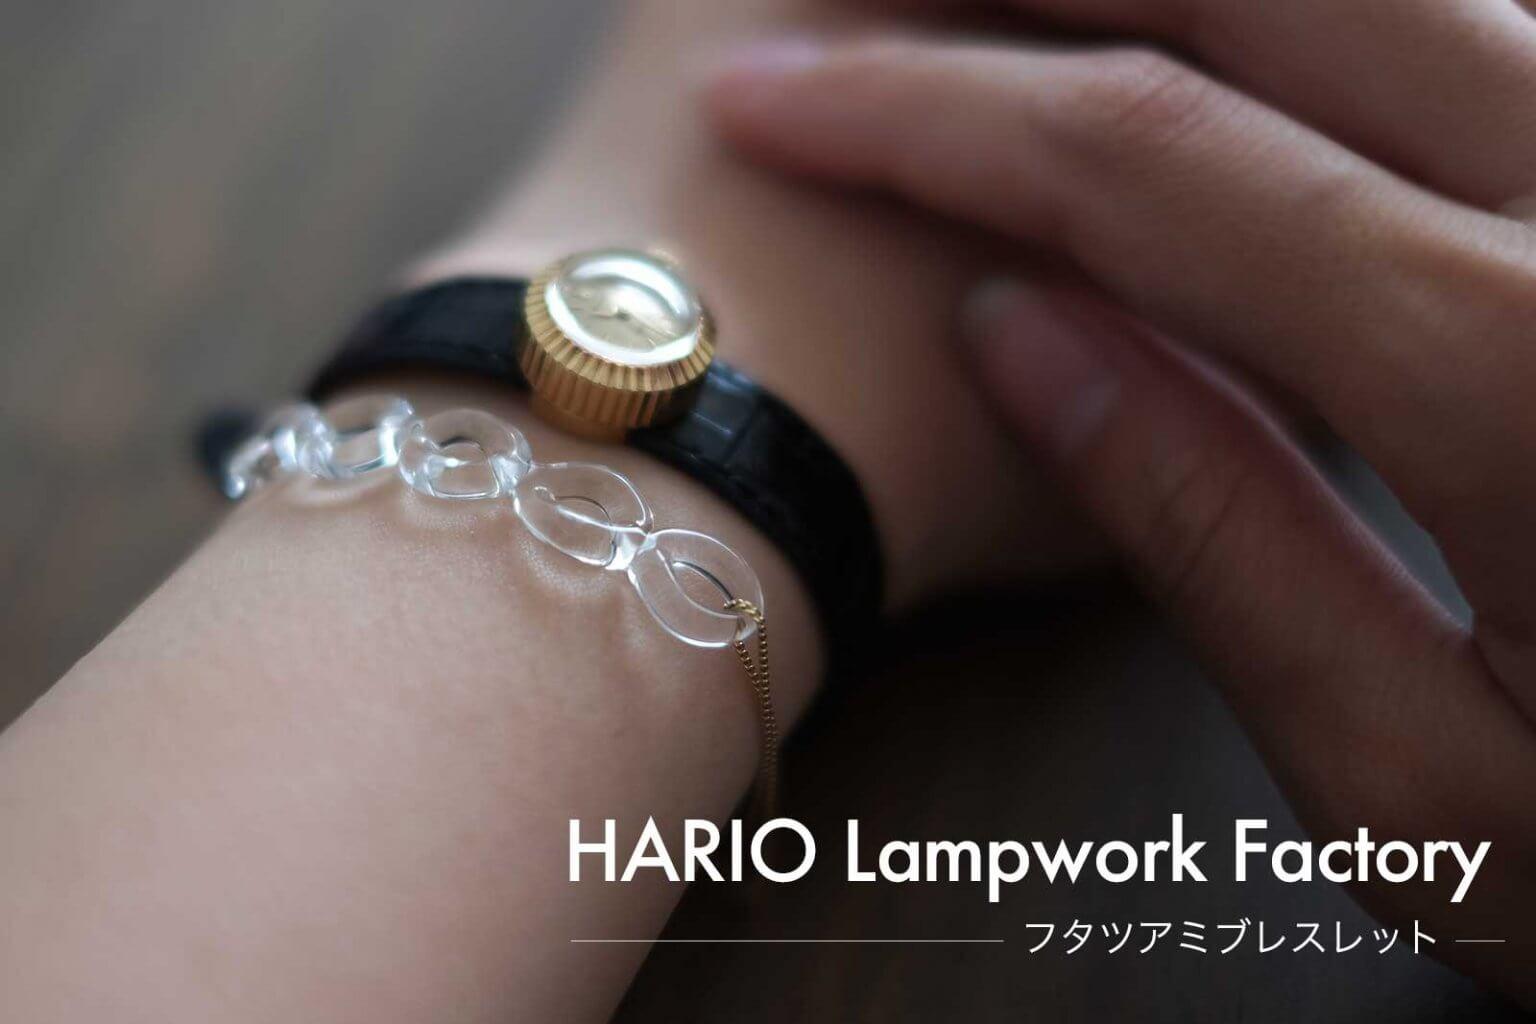 【レビュー】HARIO ランプワークファクトリー ハンドメイドガラスブレスレットは一度は手にしたいアクセサリー。